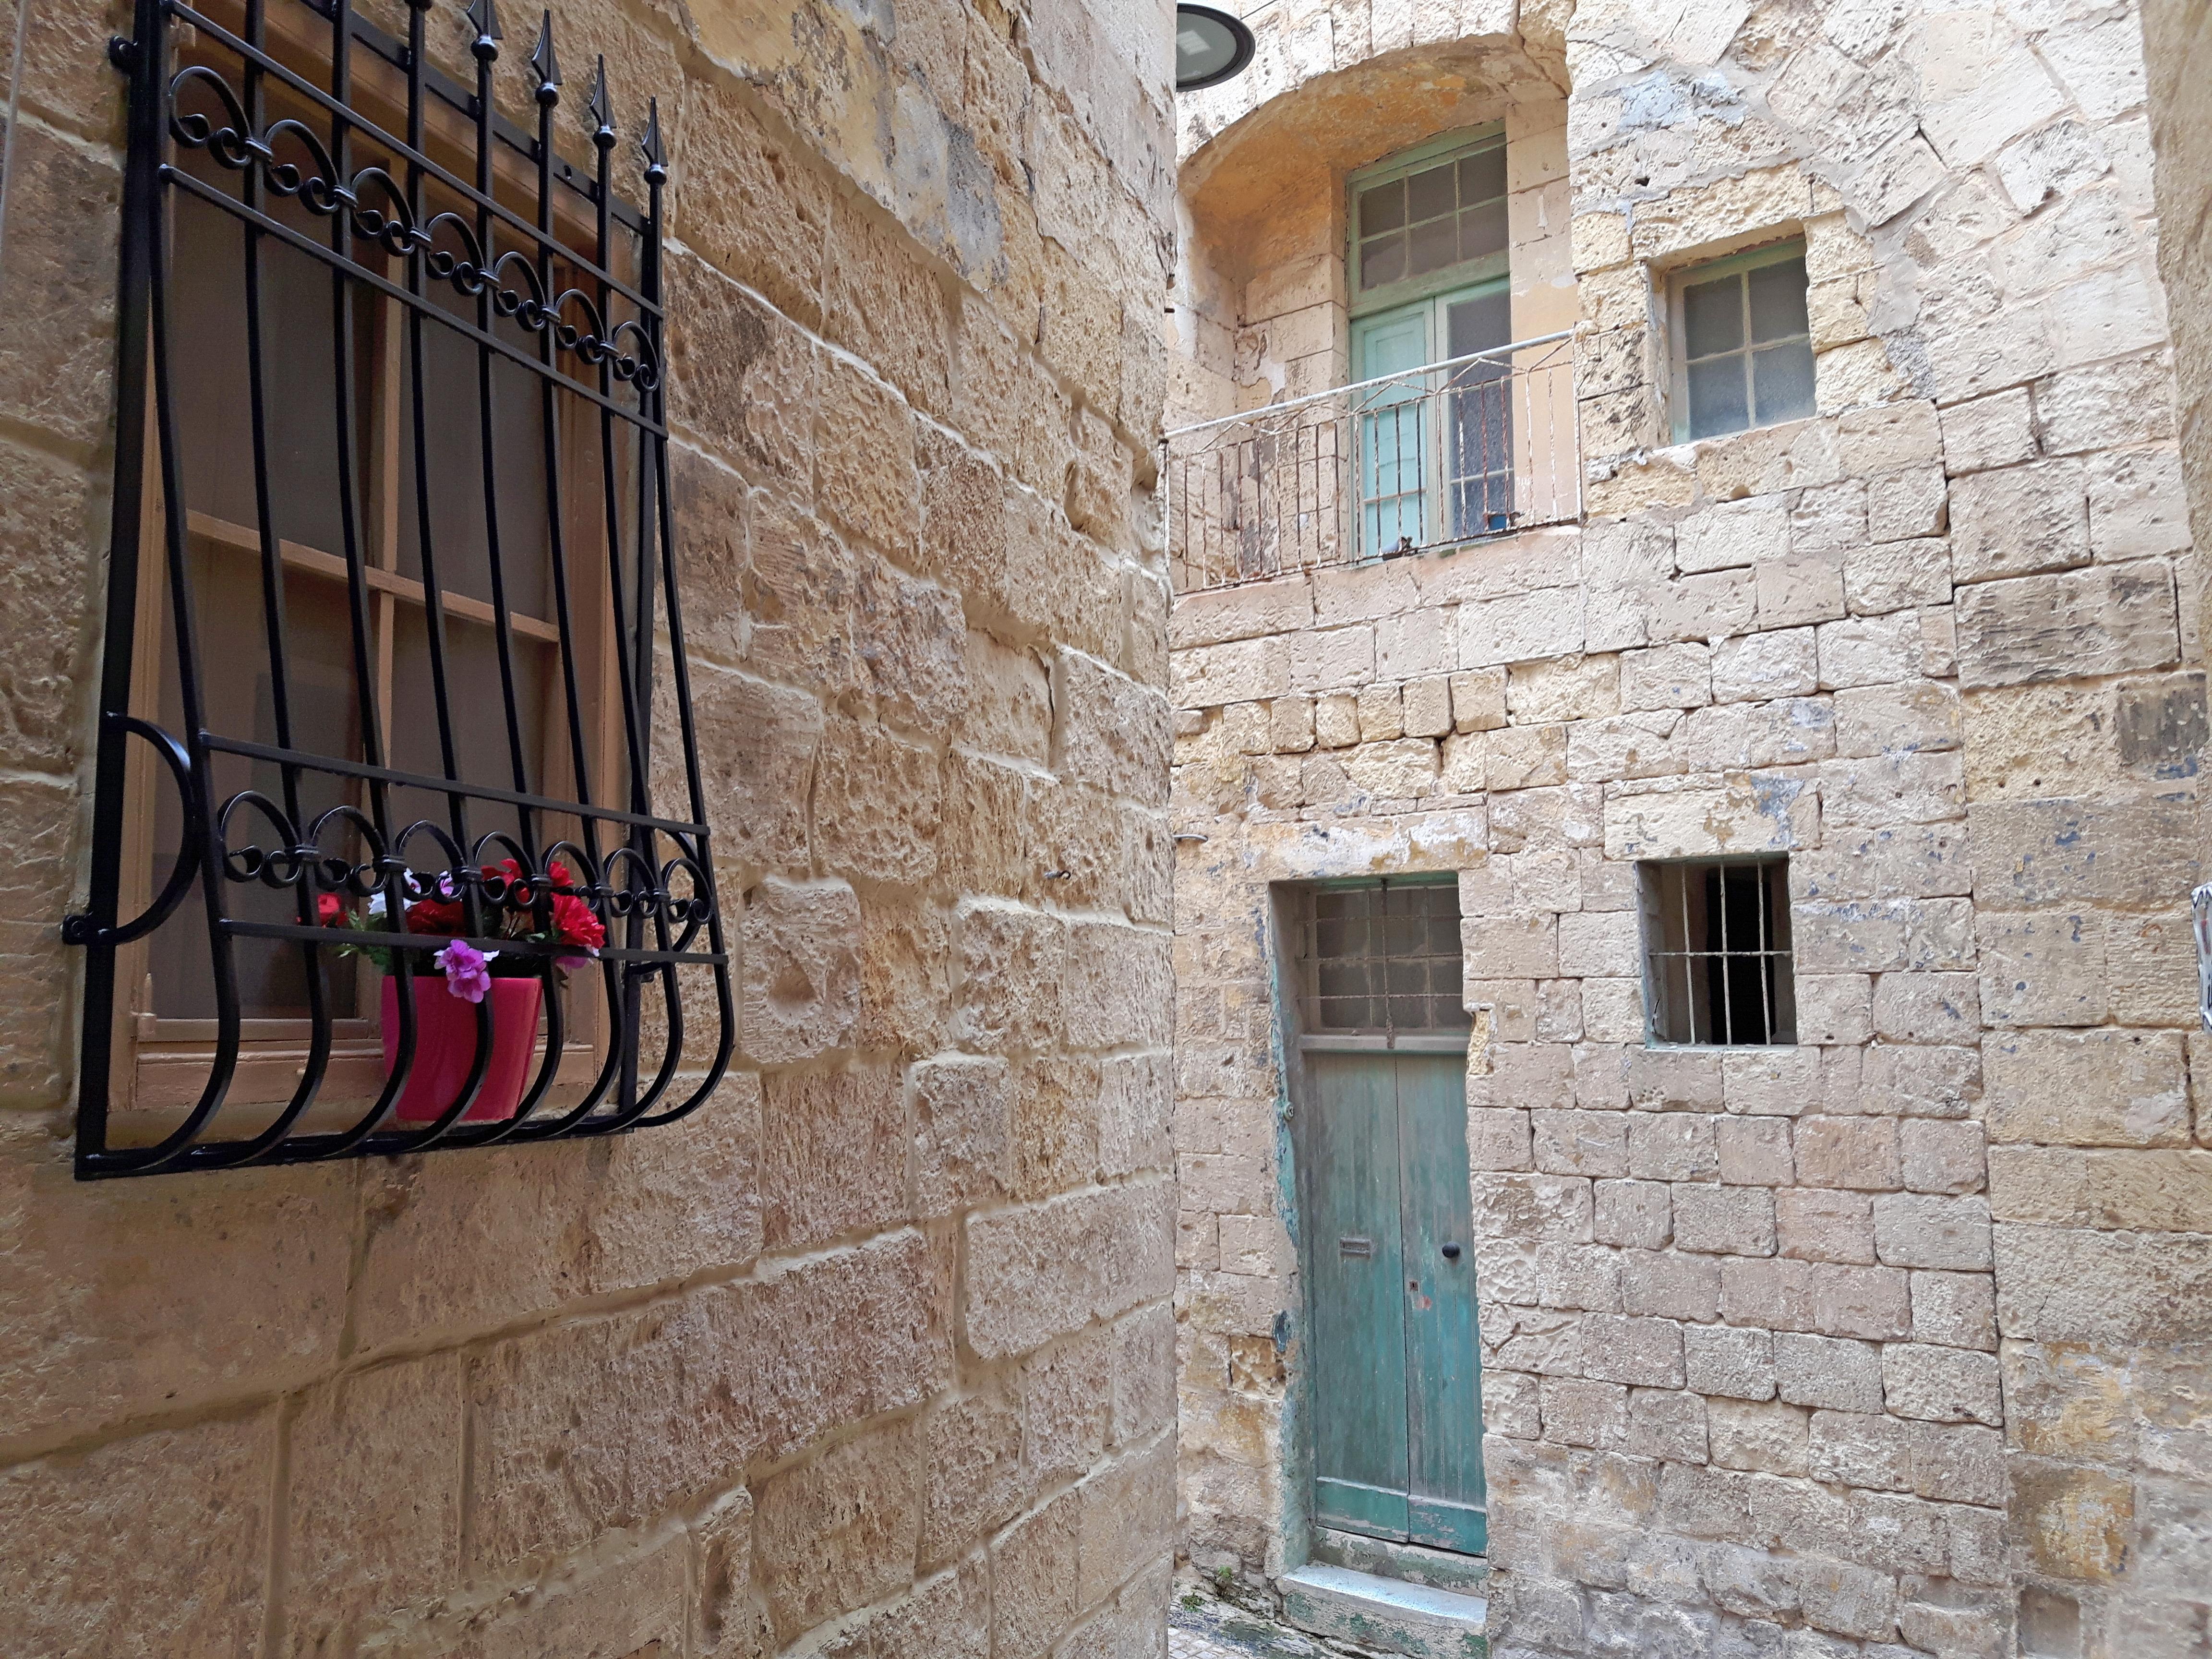 Vittorisosa_The_Three_Cities_Malta